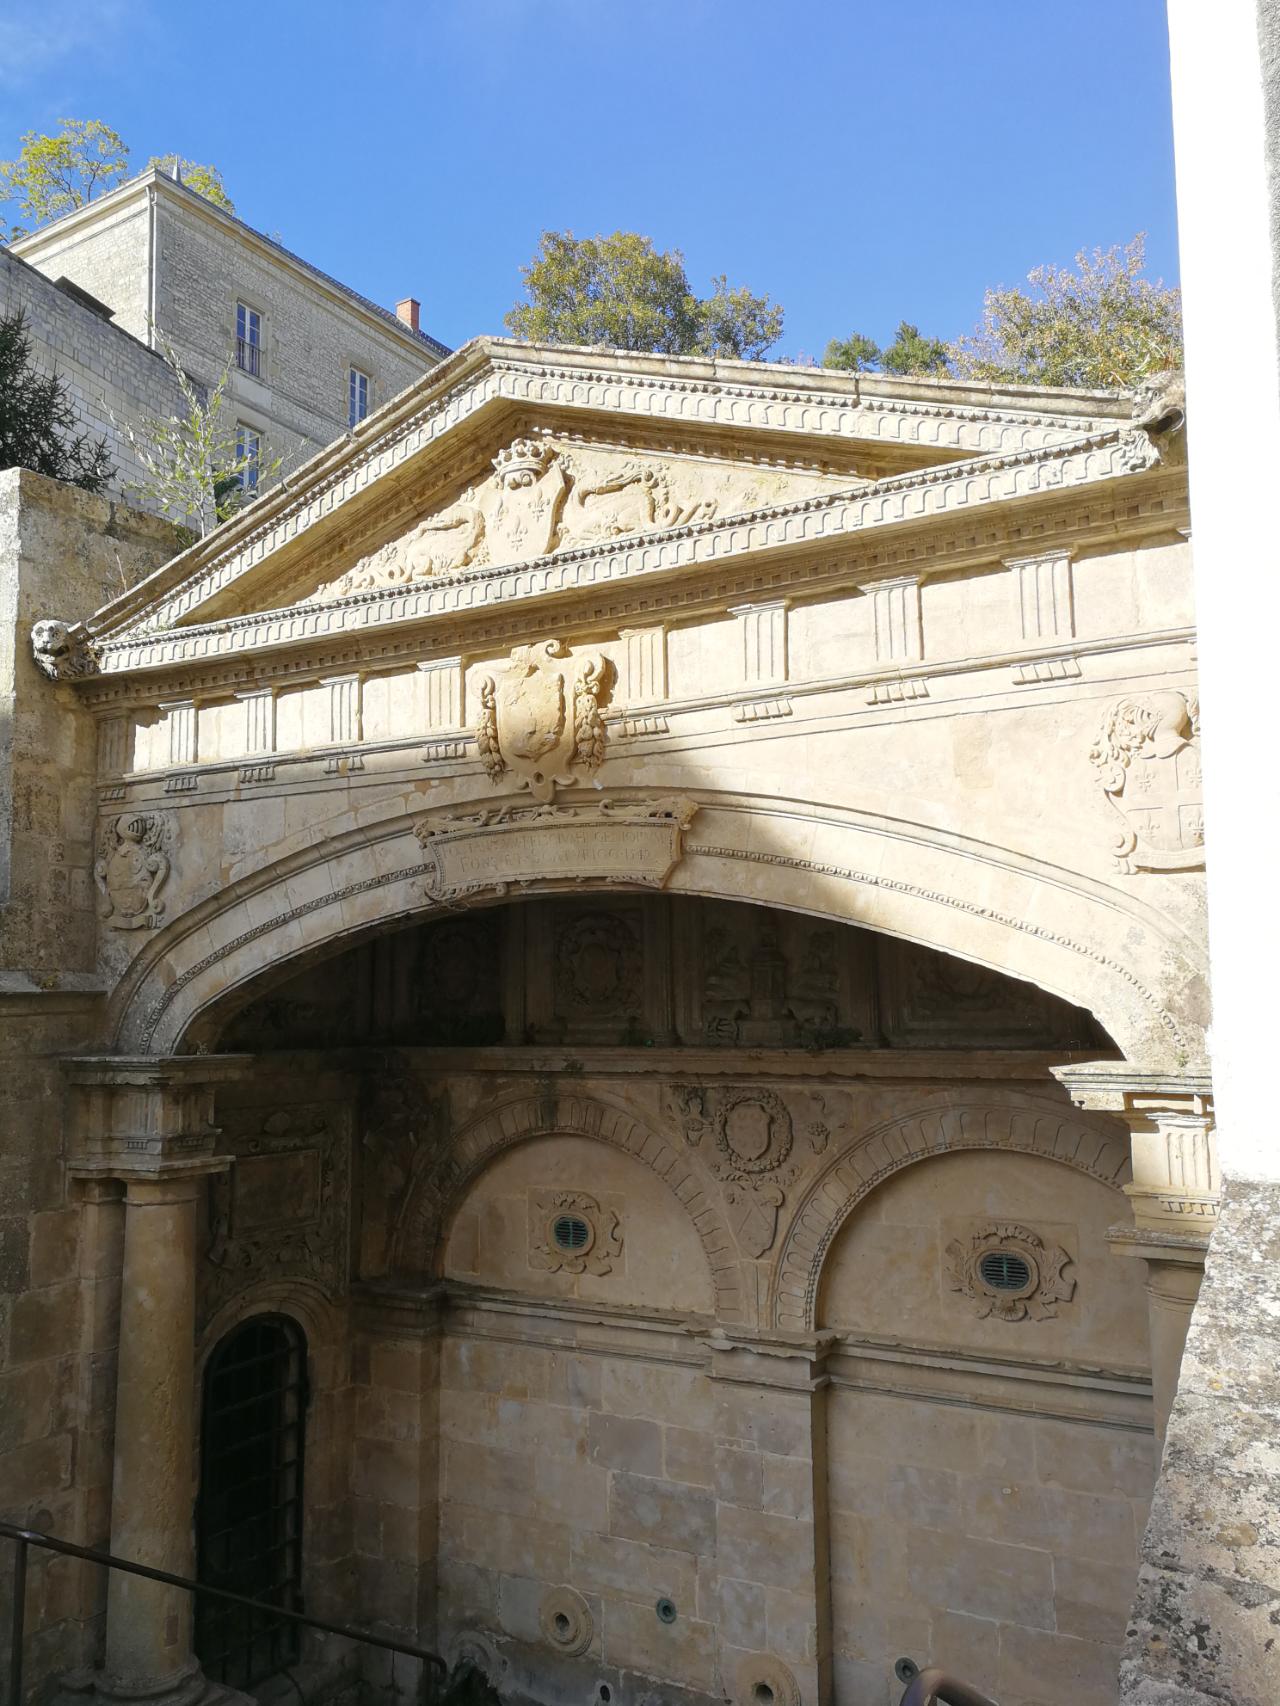 Photo 2: Visite guidée Fontenay-le-Comte